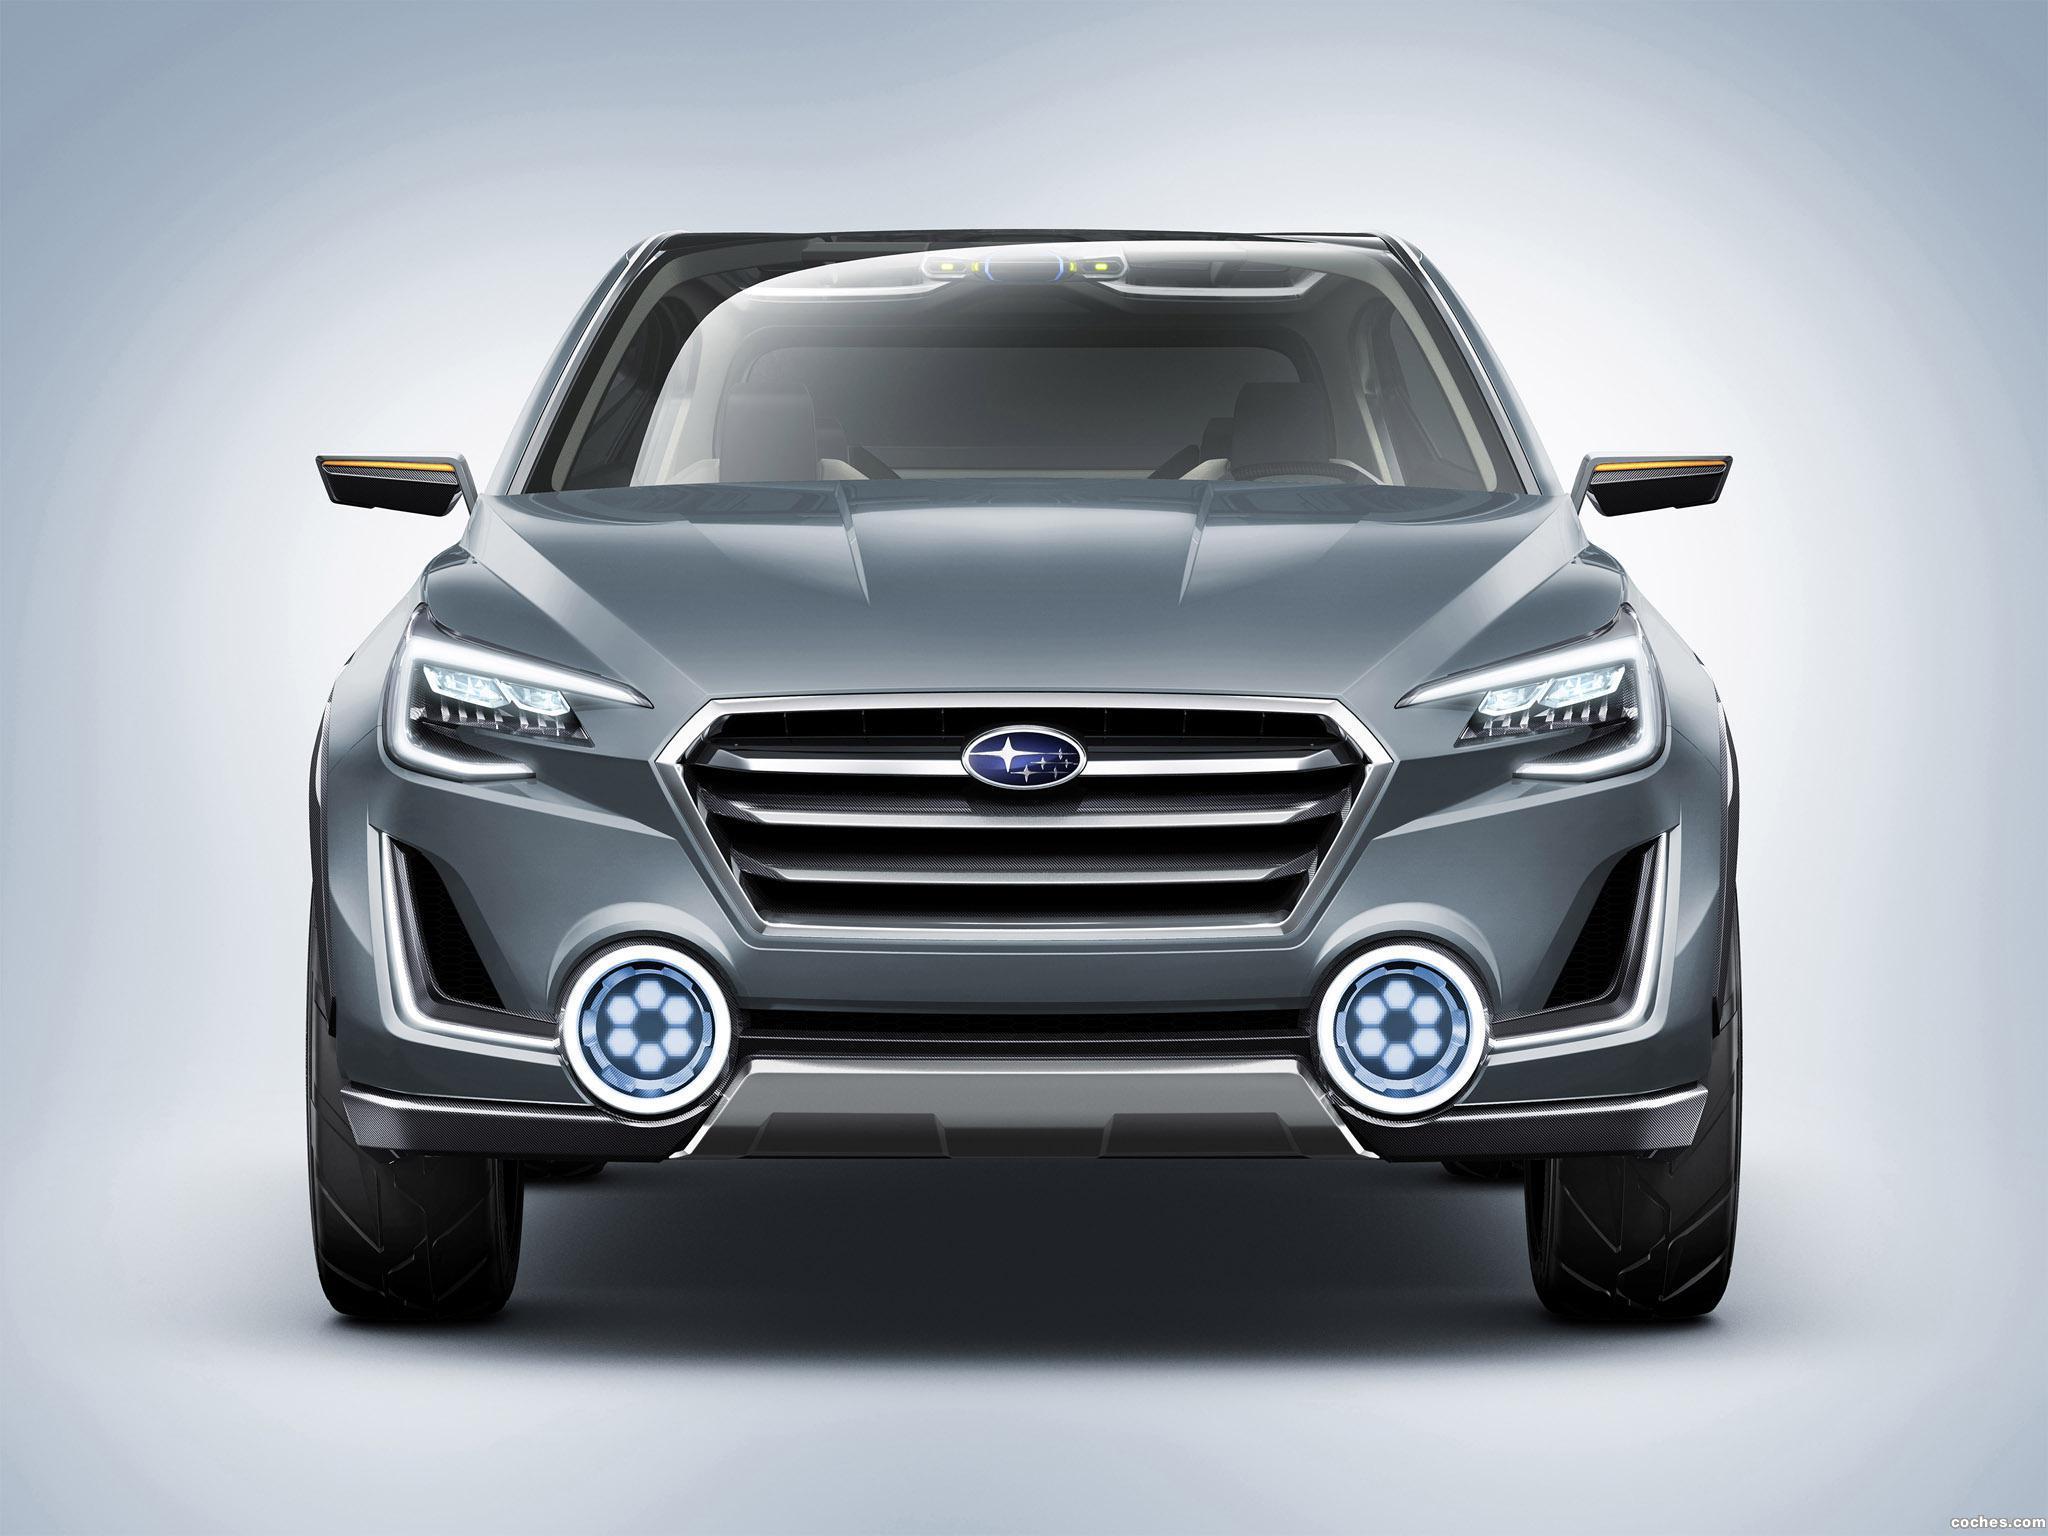 Foto 6 de Subaru Viziv 2 Concept 2014